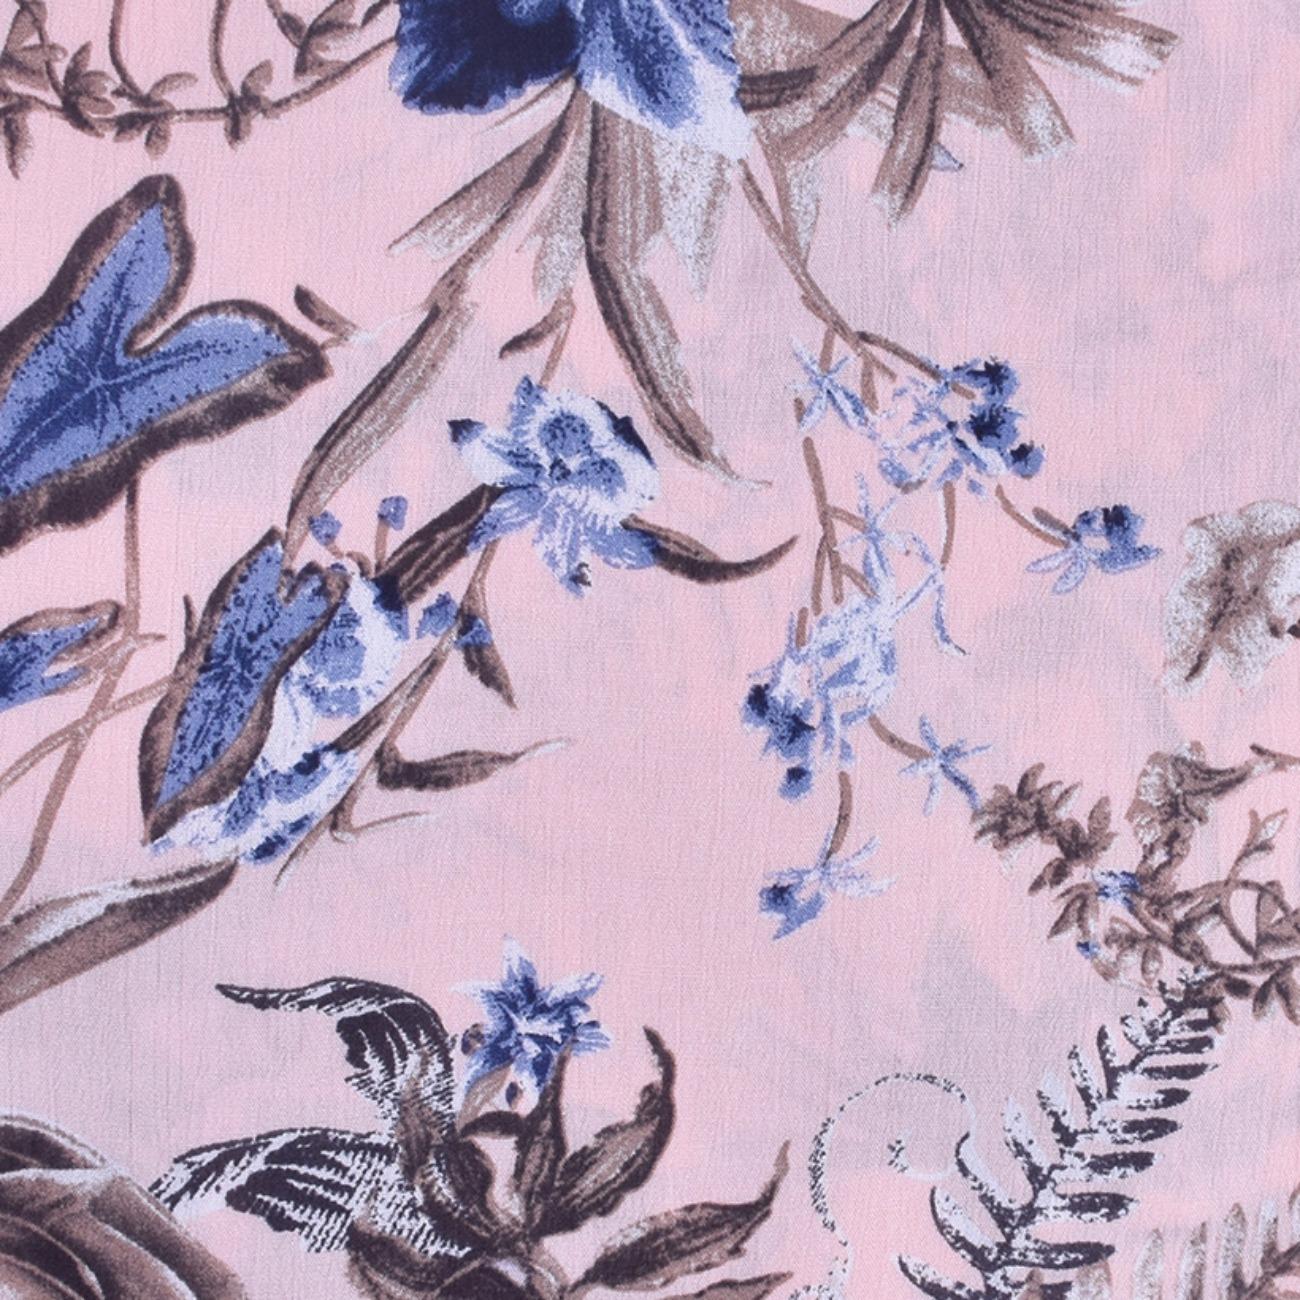 印花 花朵 梭织 人棉皱 现货 无弹 衬衫 连衣裙 短裙 棉感 薄 70522-18